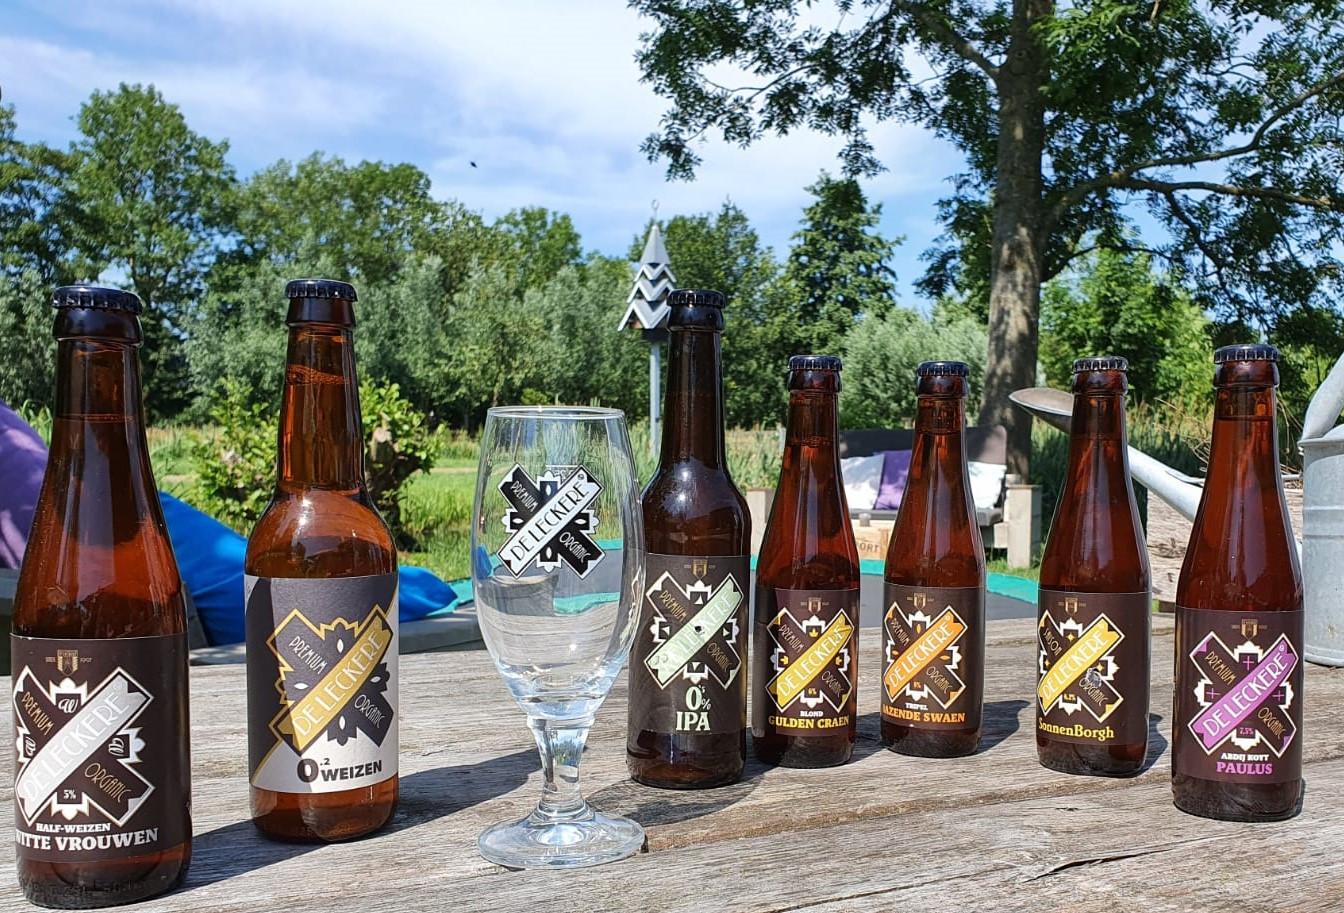 speciaal biertjes van de Leckere